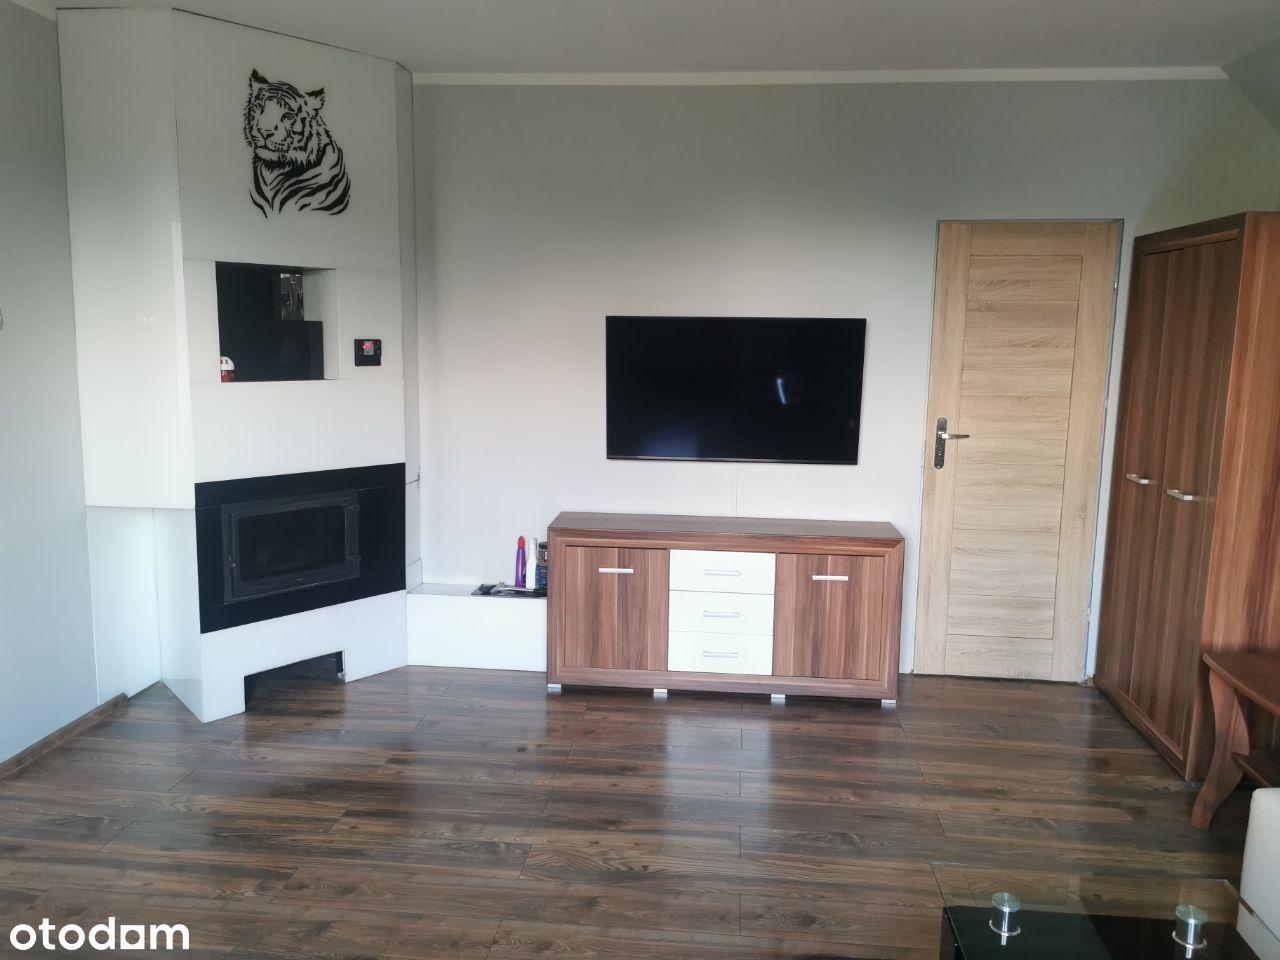 Dom 2 mieszkania 160m2 Będzin Małobądz Dz. 569m